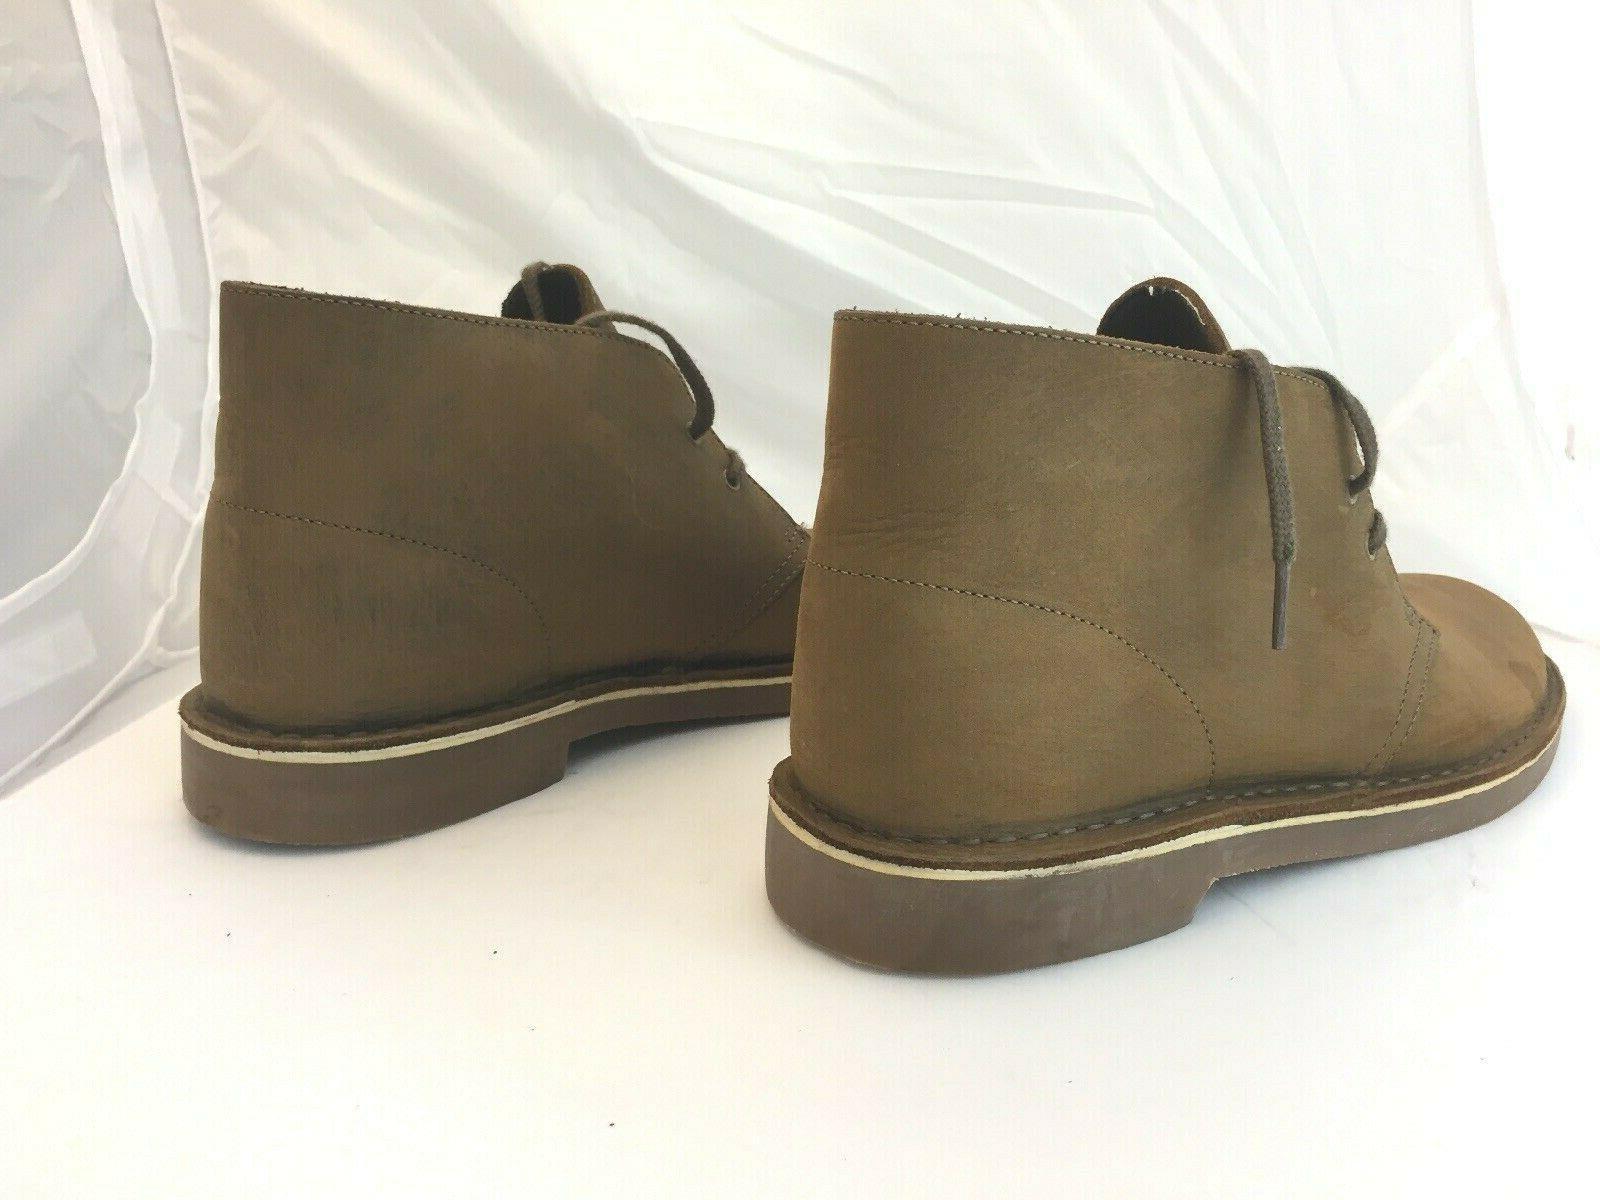 Clarks Originals Chukka Brown 15250 Size 9.5M